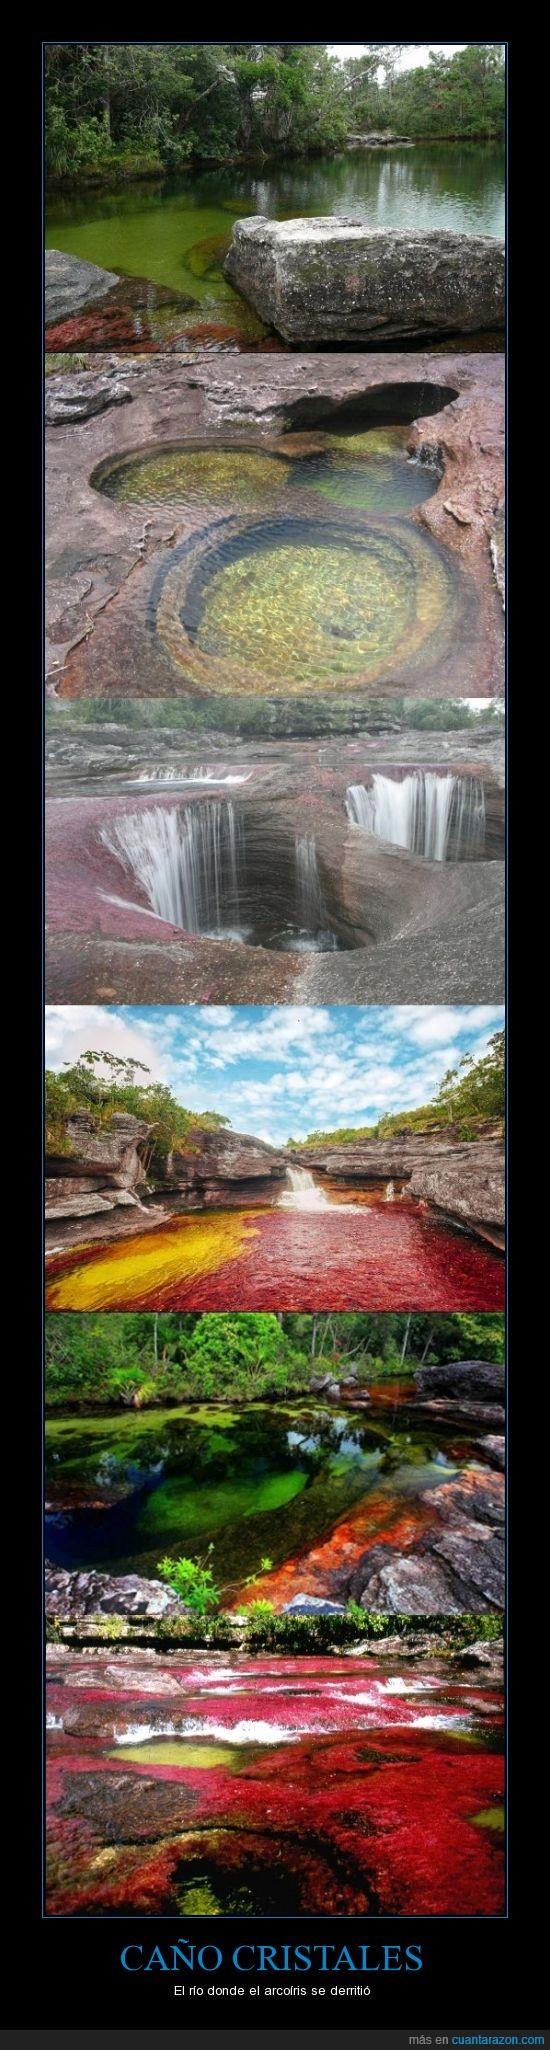 arco iris,caño cristales,cinco colores,colombia,derretir,macarena,rio